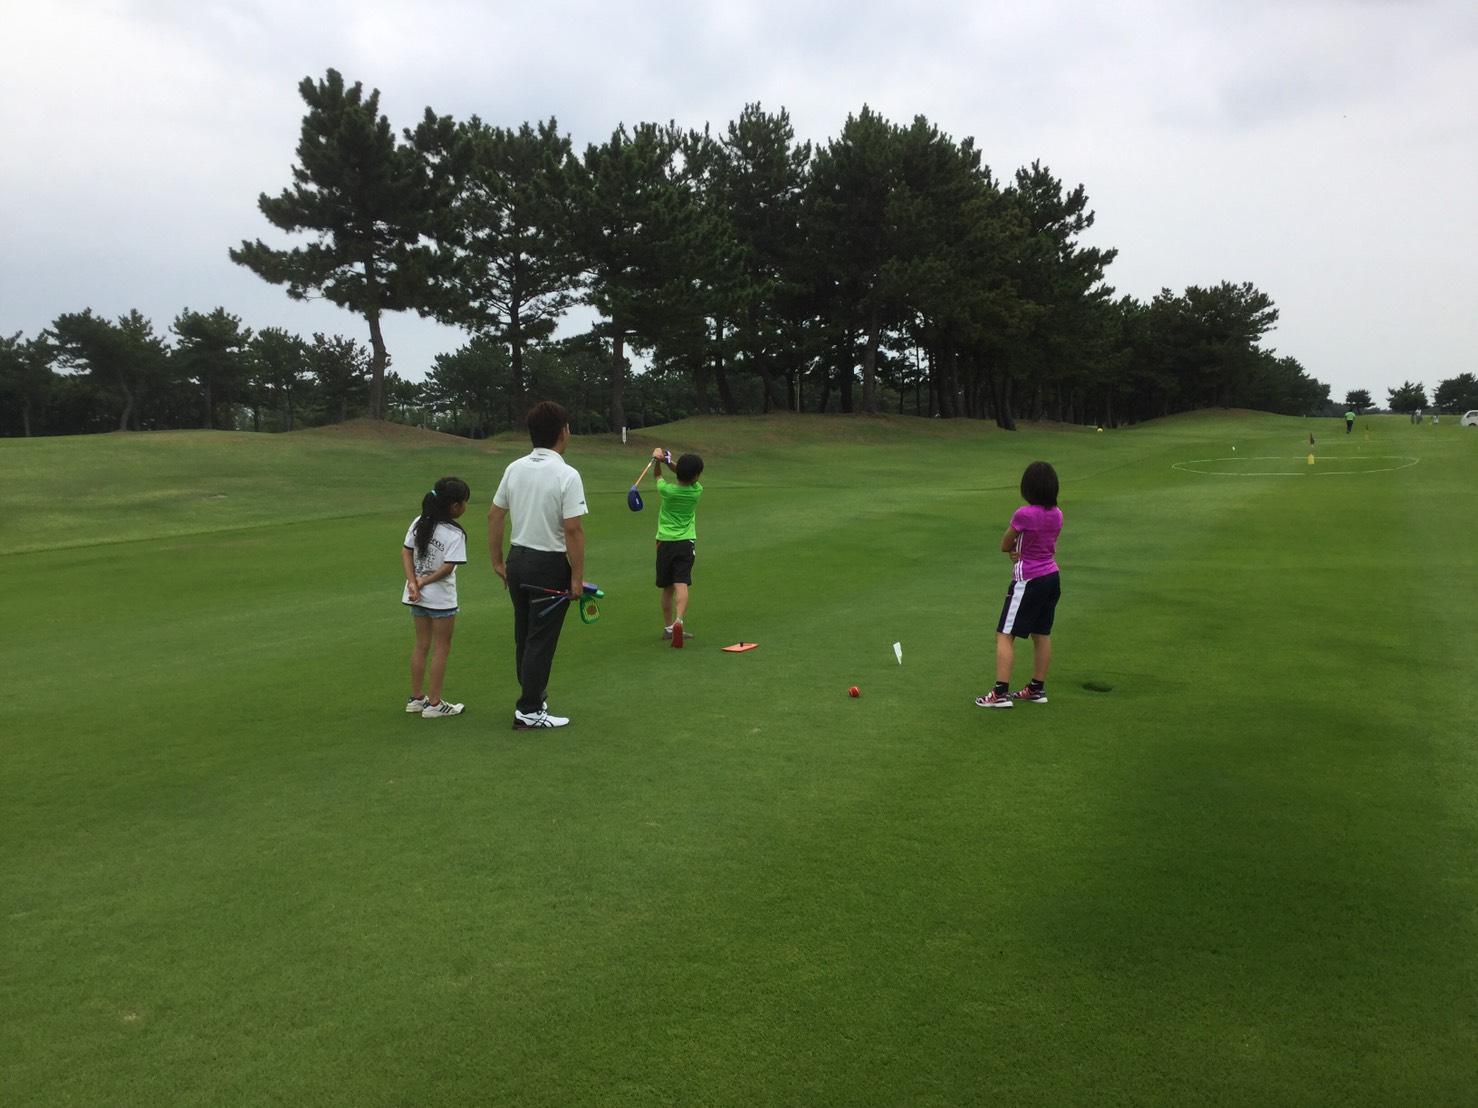 第5回 若洲ゴルフリンクス ゴルフ場一般開放デーにお手伝いに行ってきました!